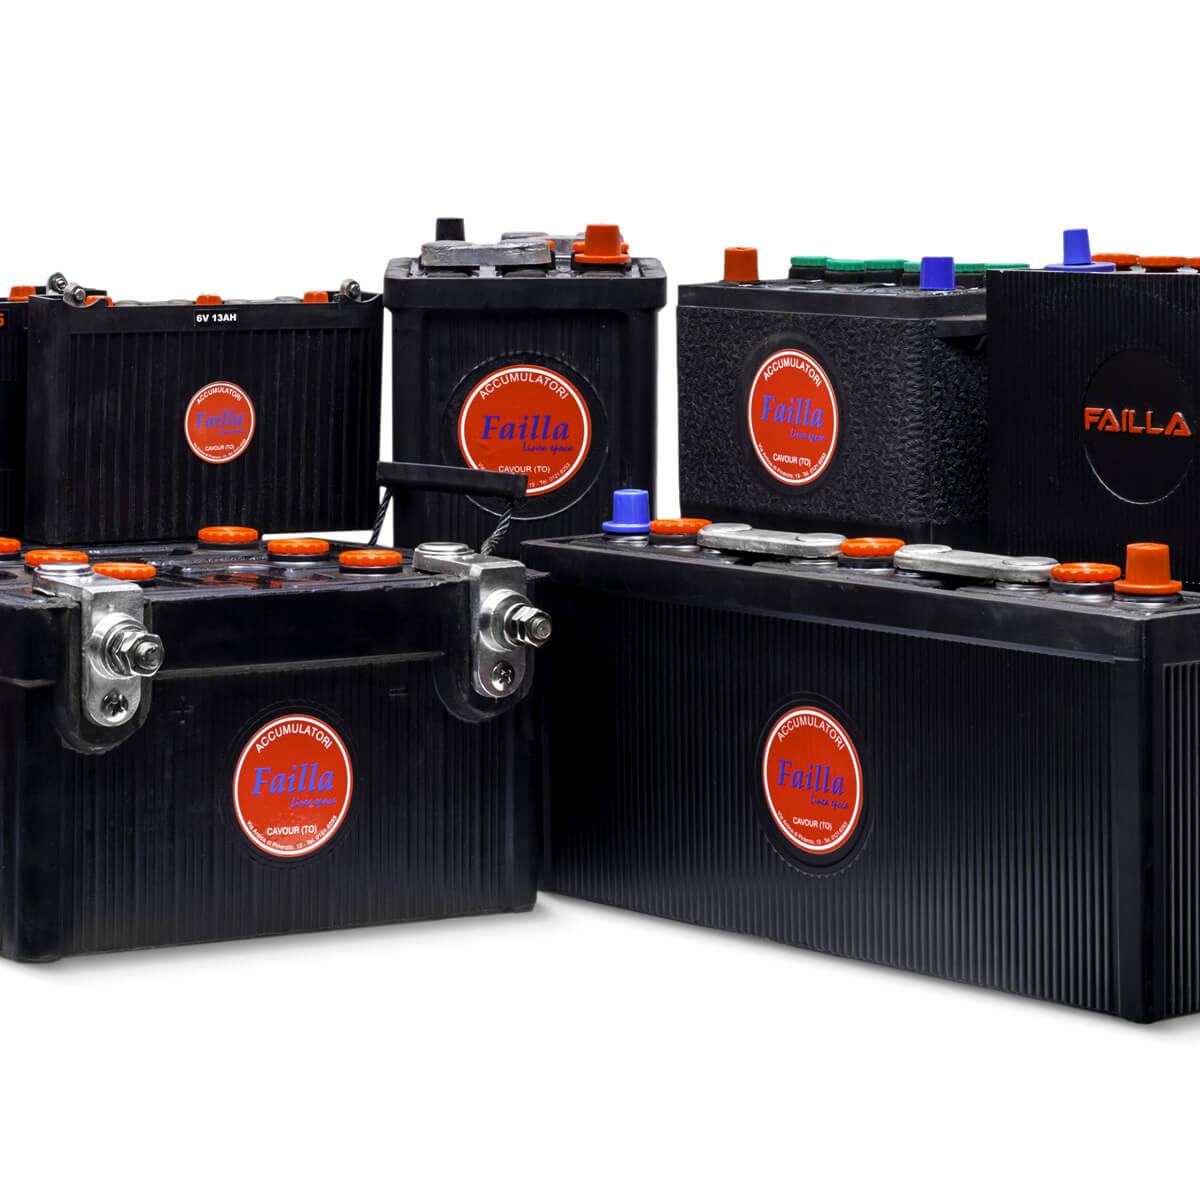 Veicoli storici Failla batterie accumulatori pile cavour pinerolo saluzzo